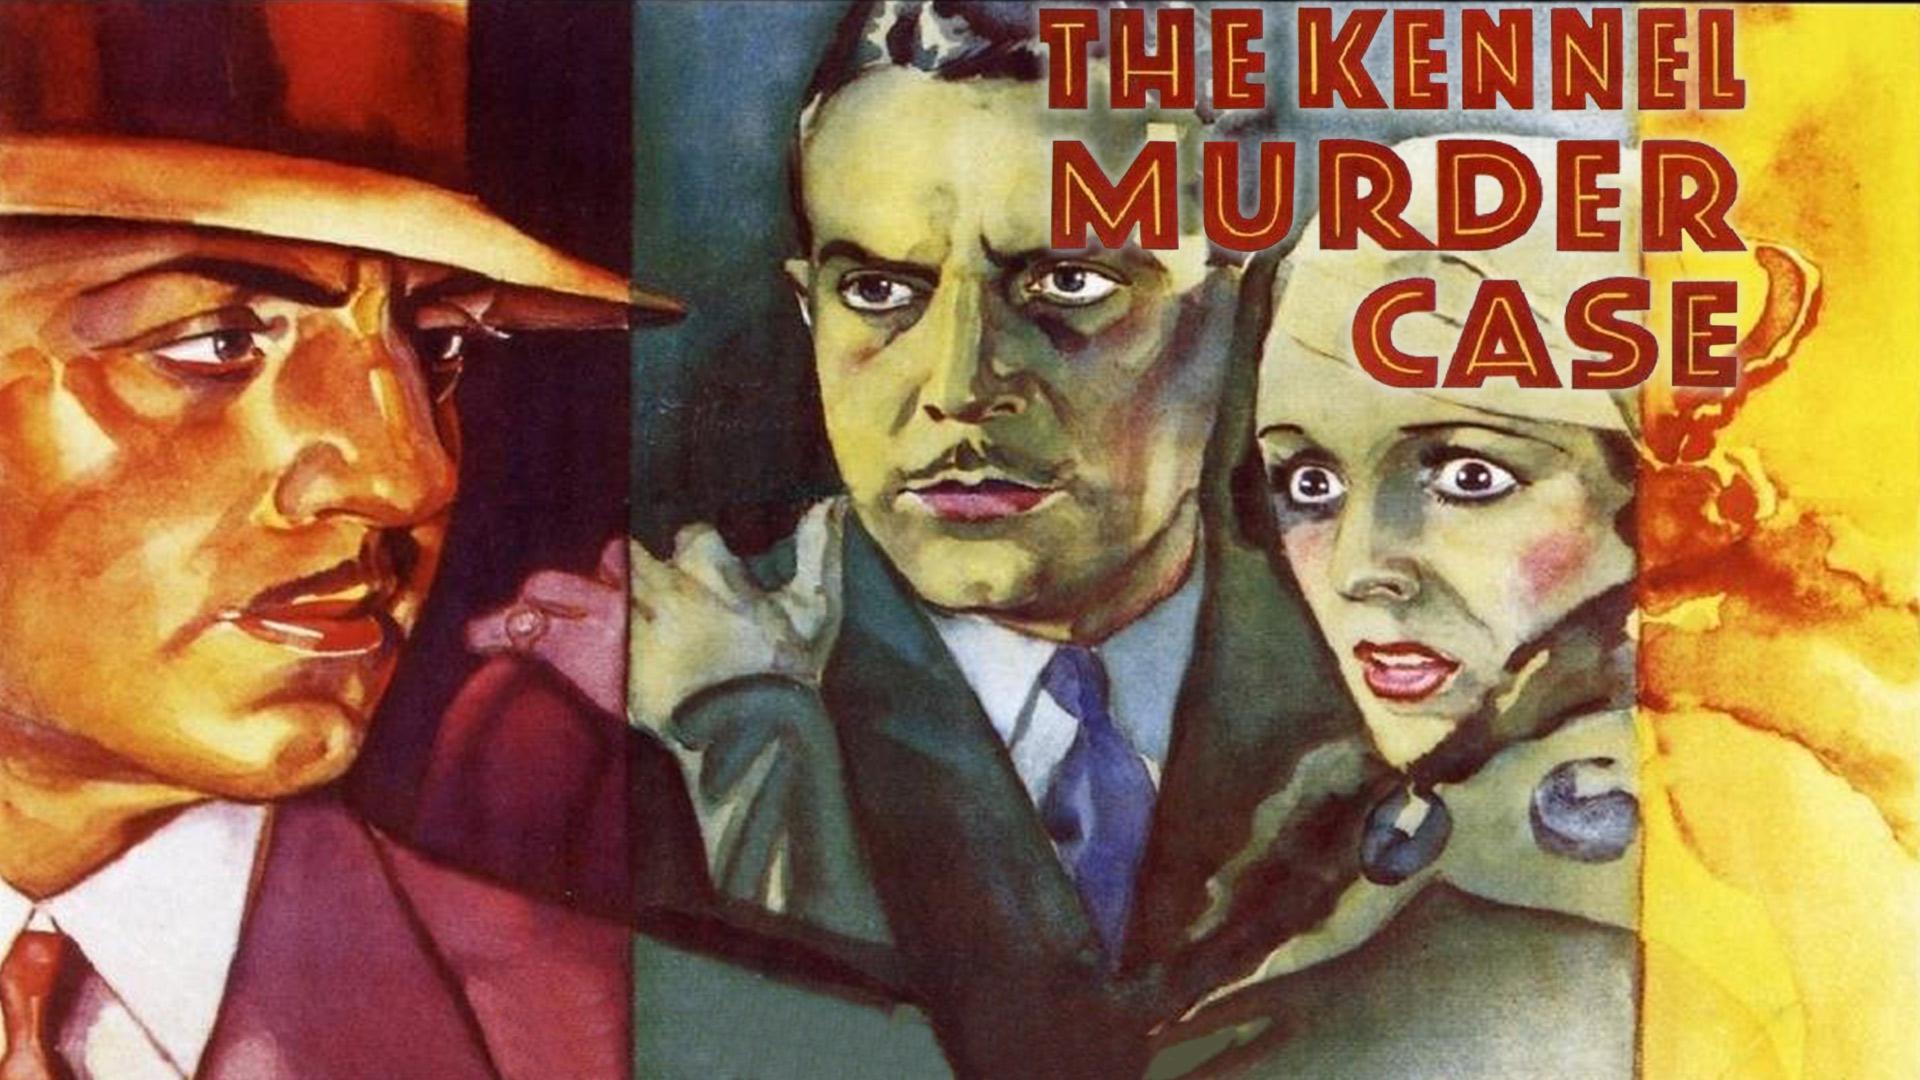 The Kennel Murder Case (1933)